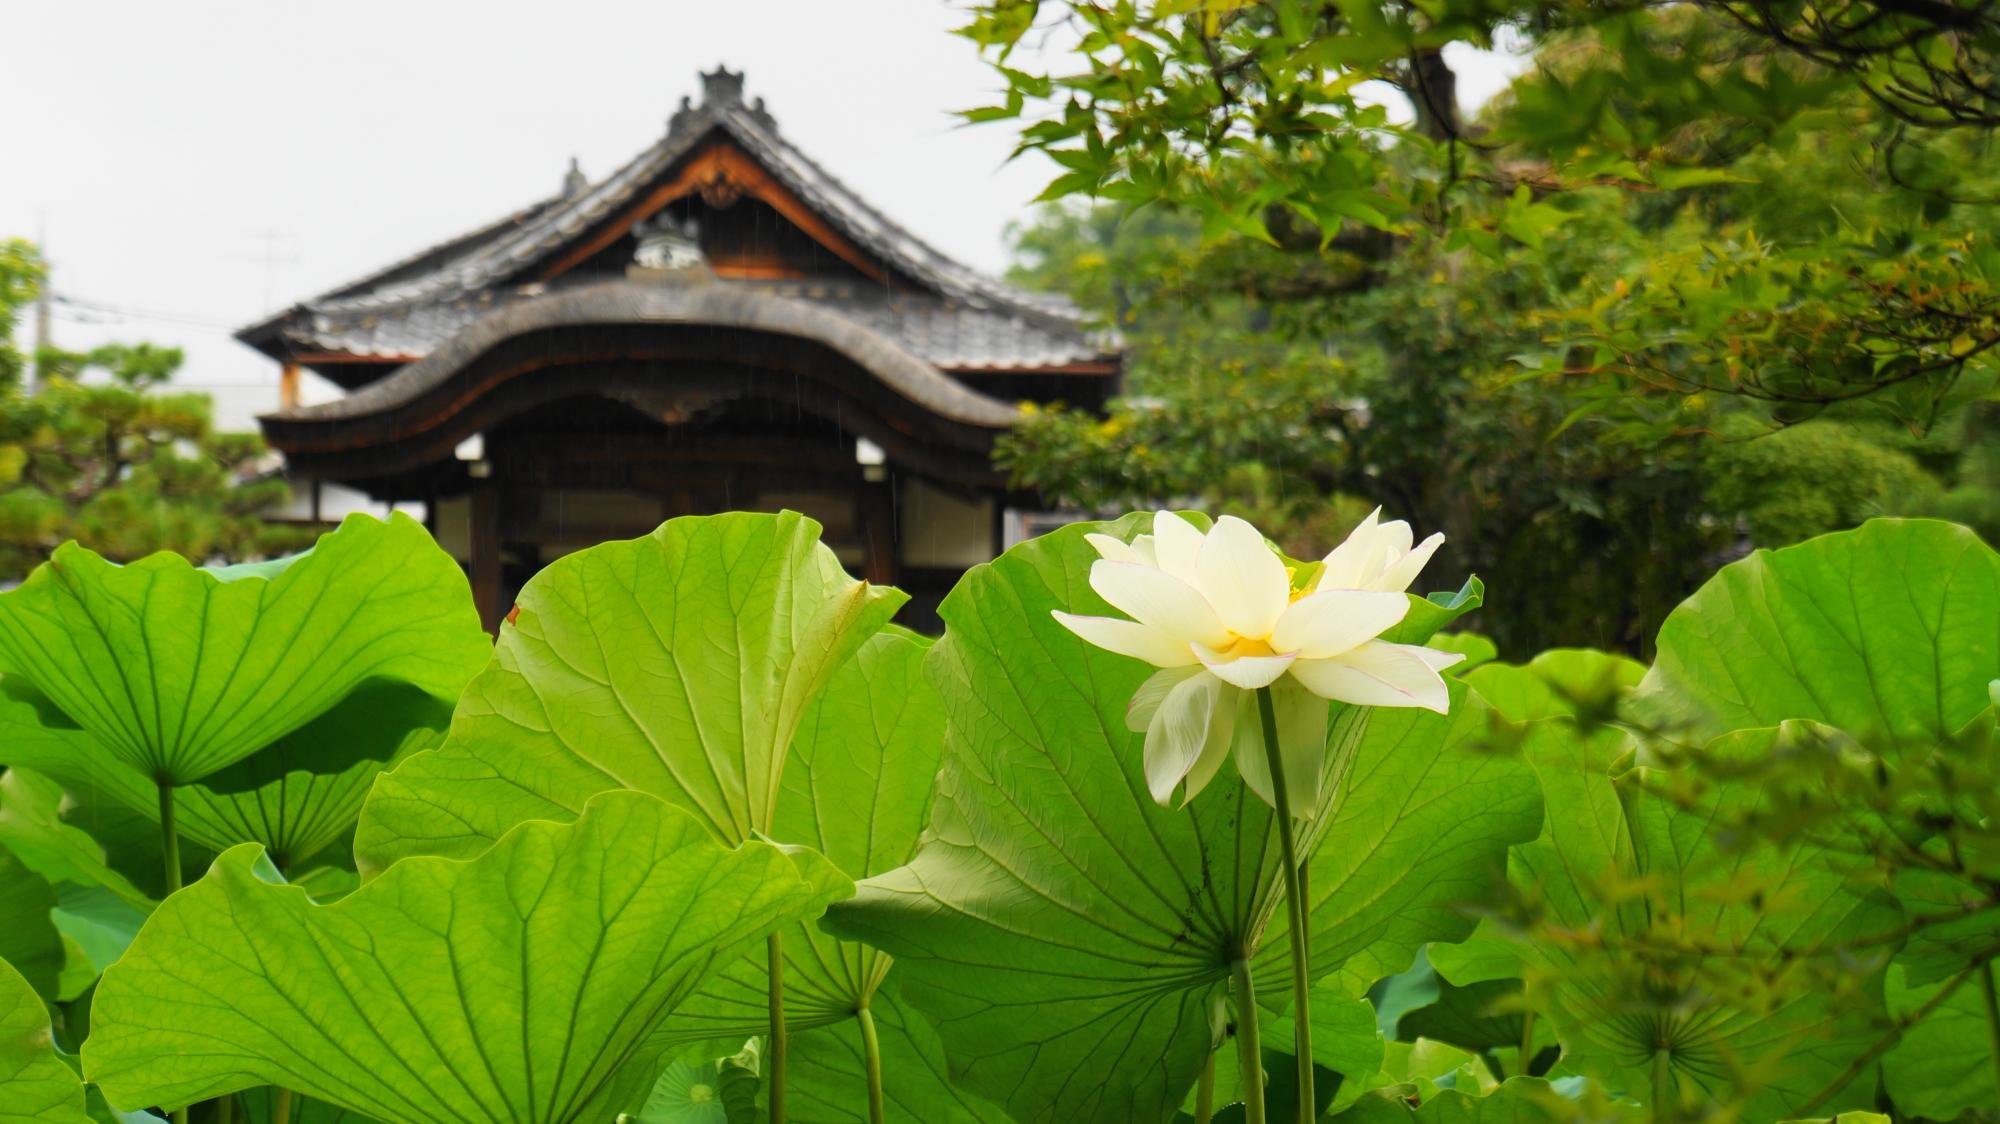 法金剛院の庫裡大玄関を背景にした蓮の緑の葉と白い花